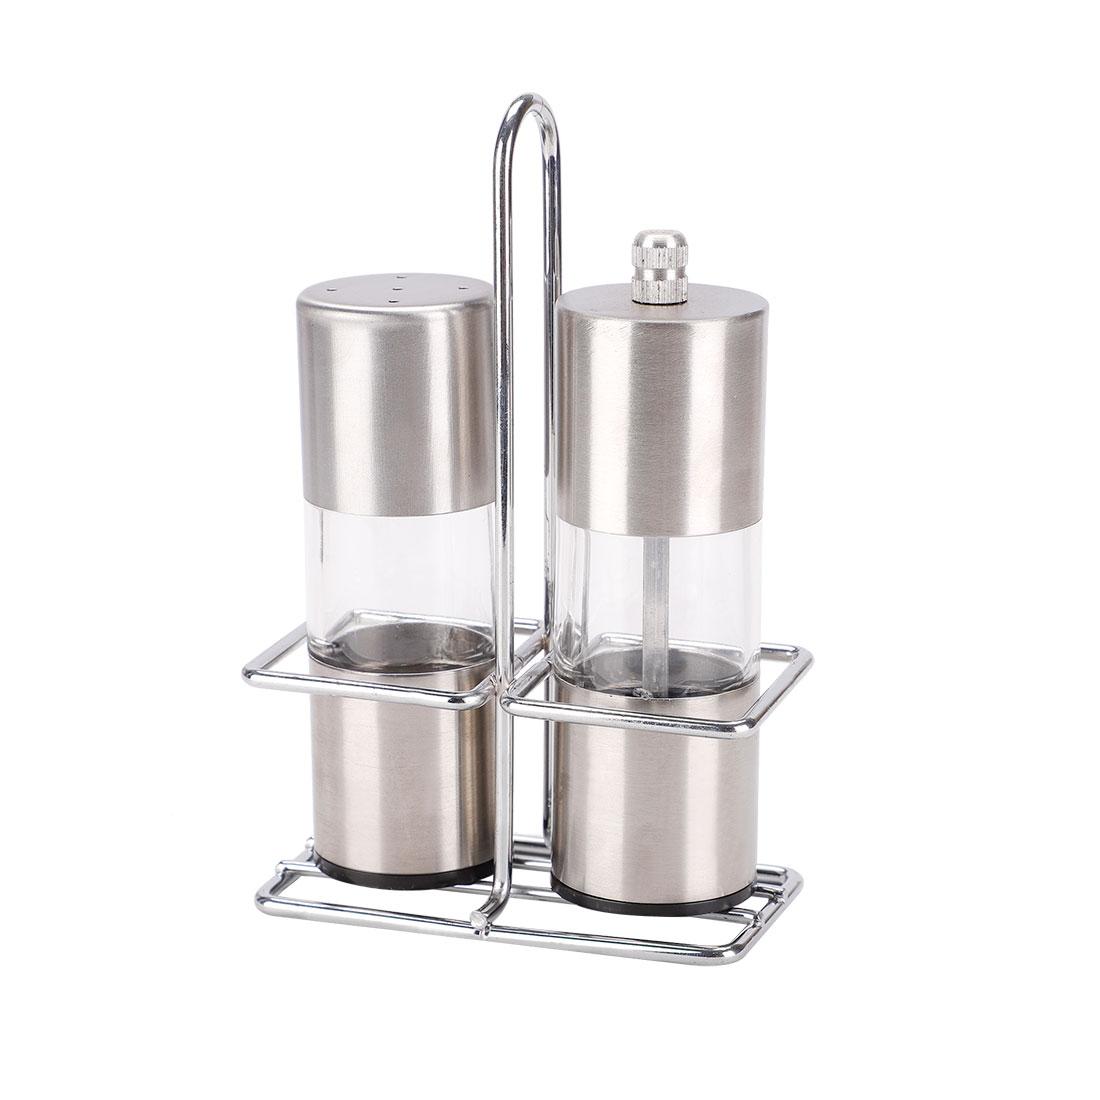 """4.8"""" Stainless Steel Pepper Grinder Salt Shaker Set with Adjustable Coarseness"""